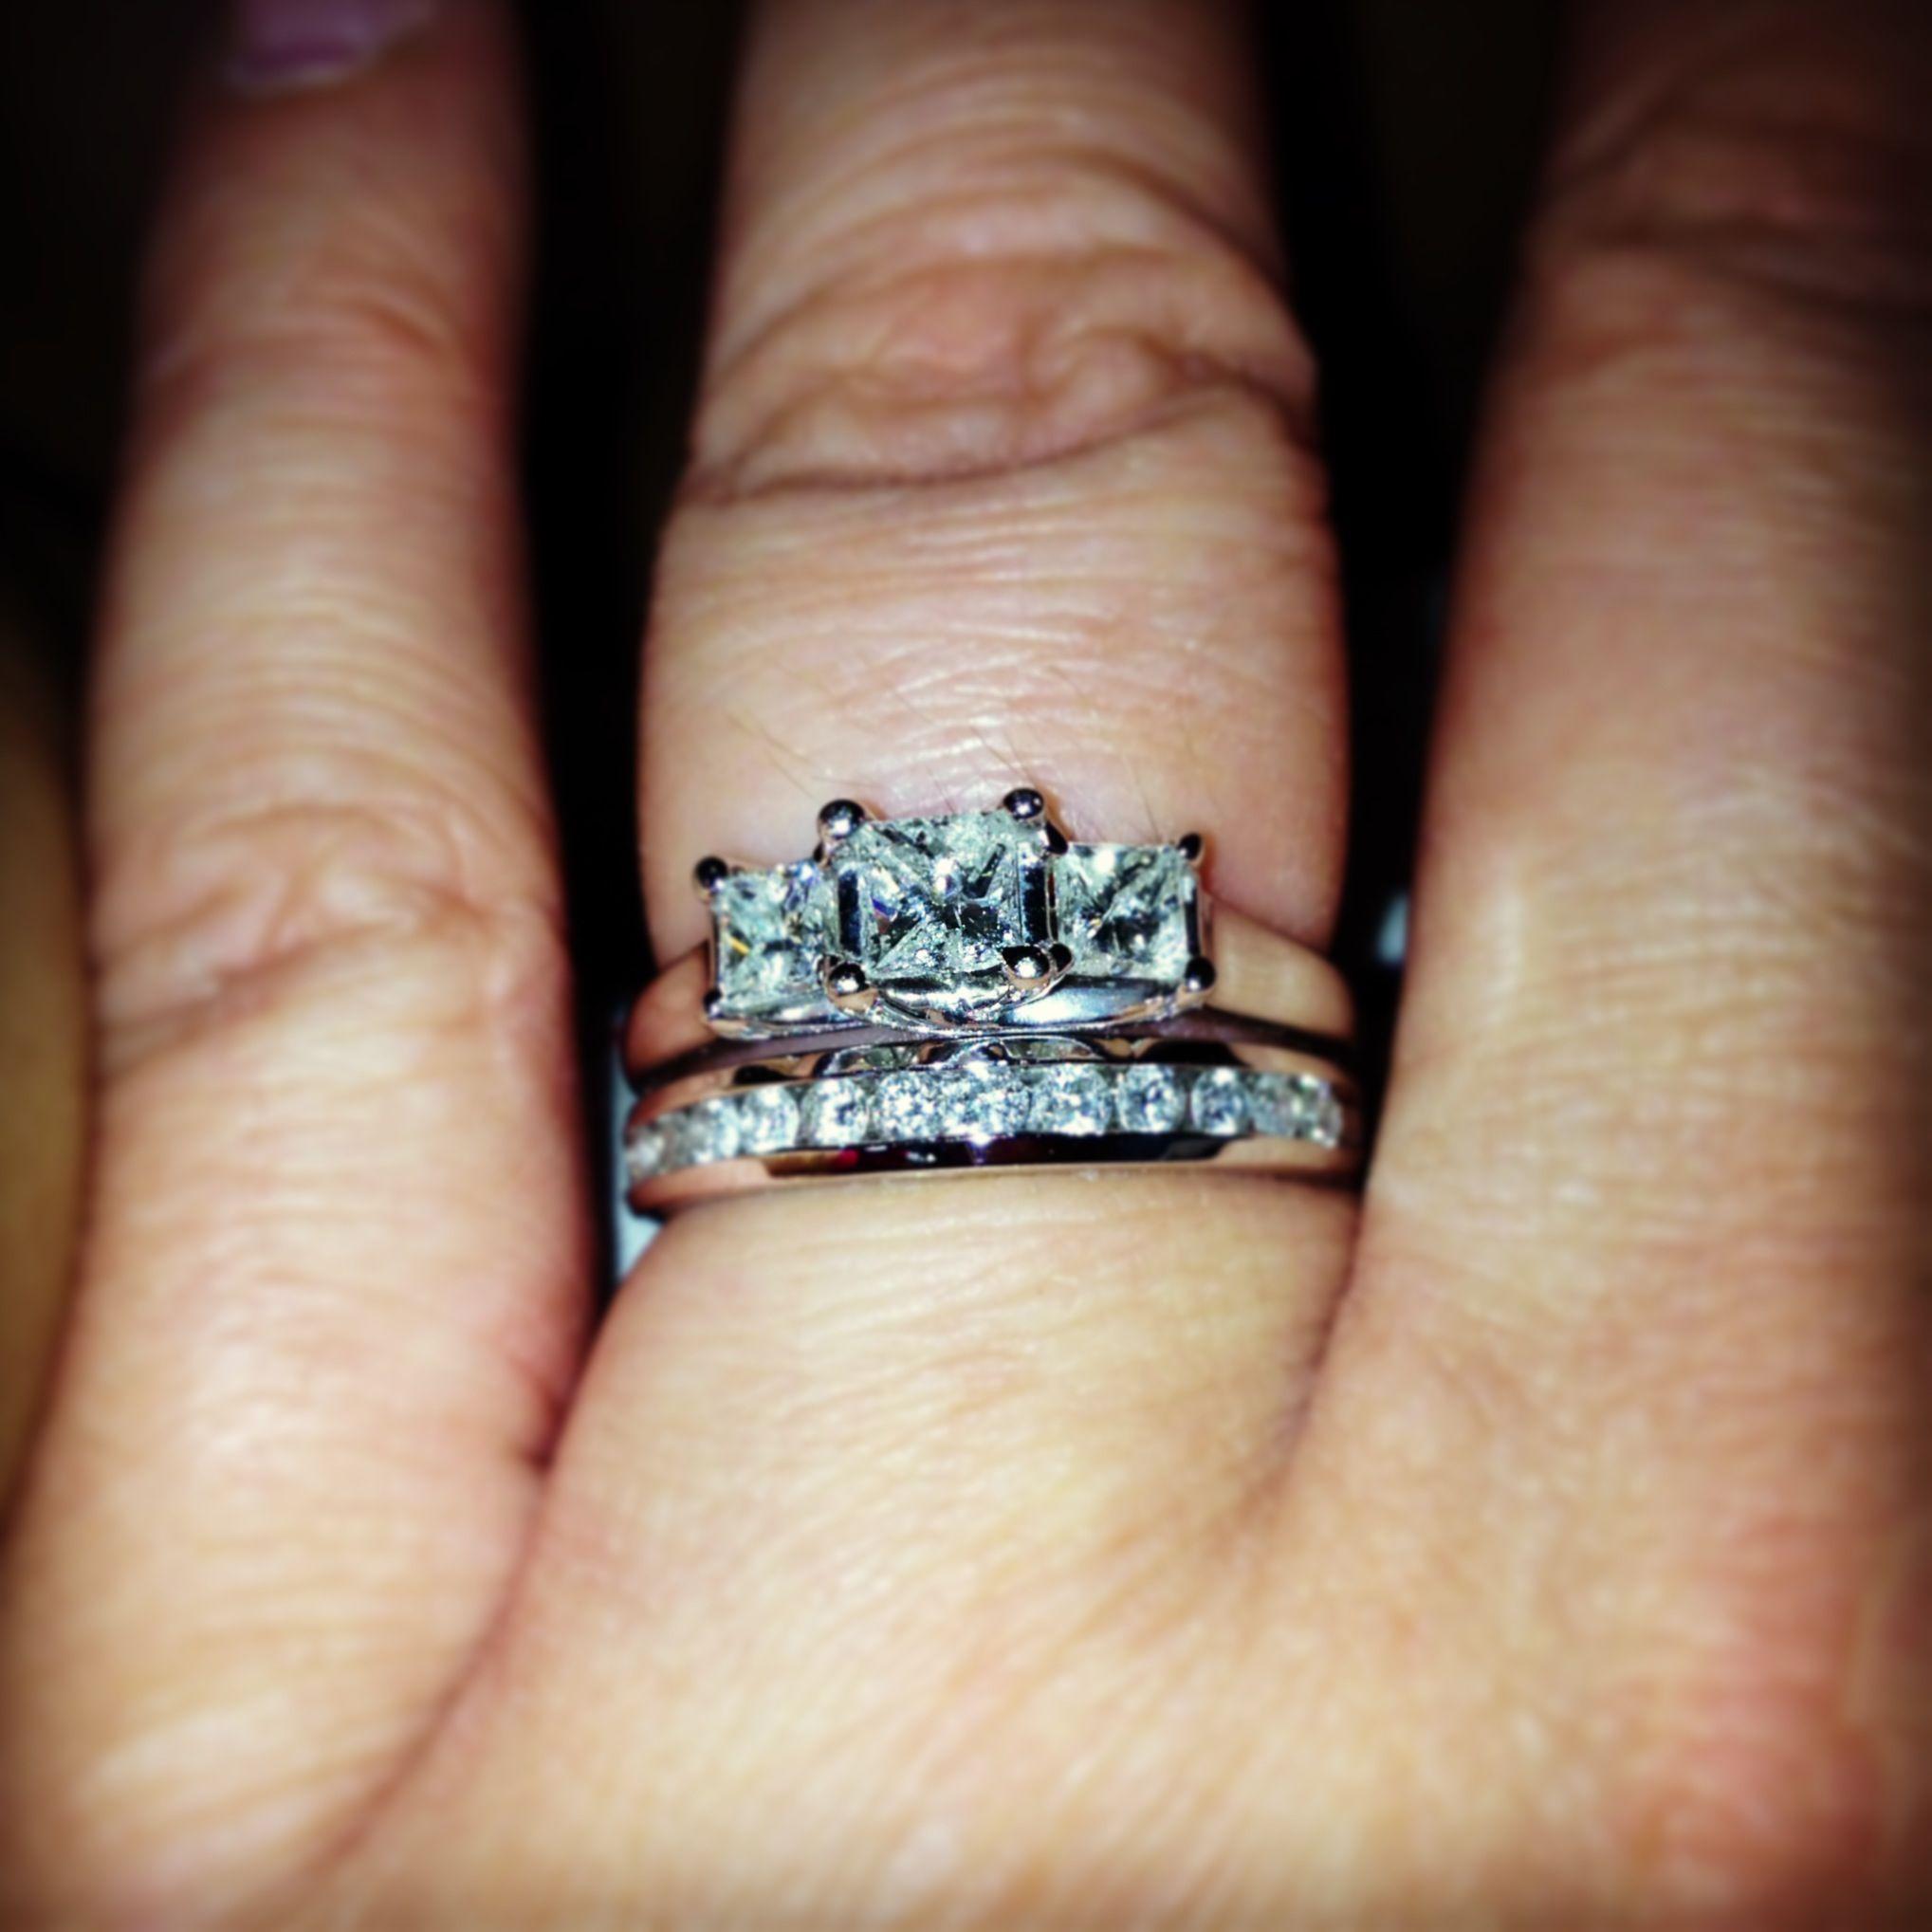 My rings!!!